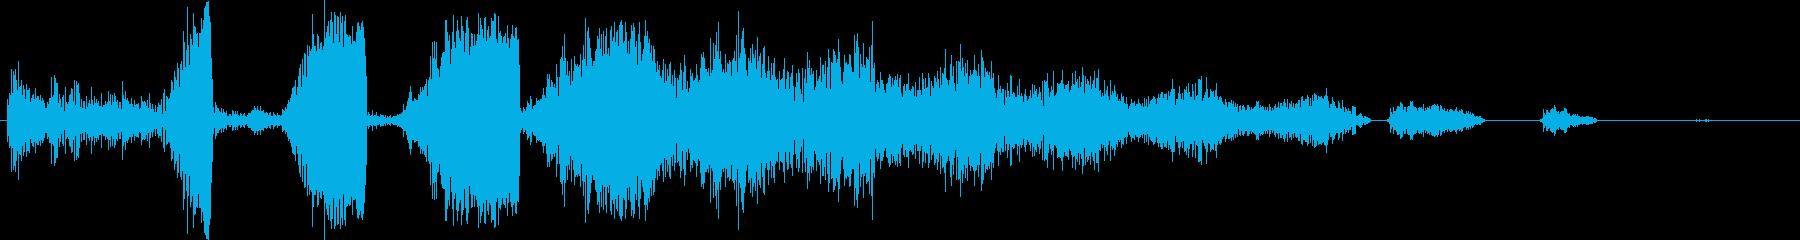 スペーススキャナーまたはコミュニケ...の再生済みの波形